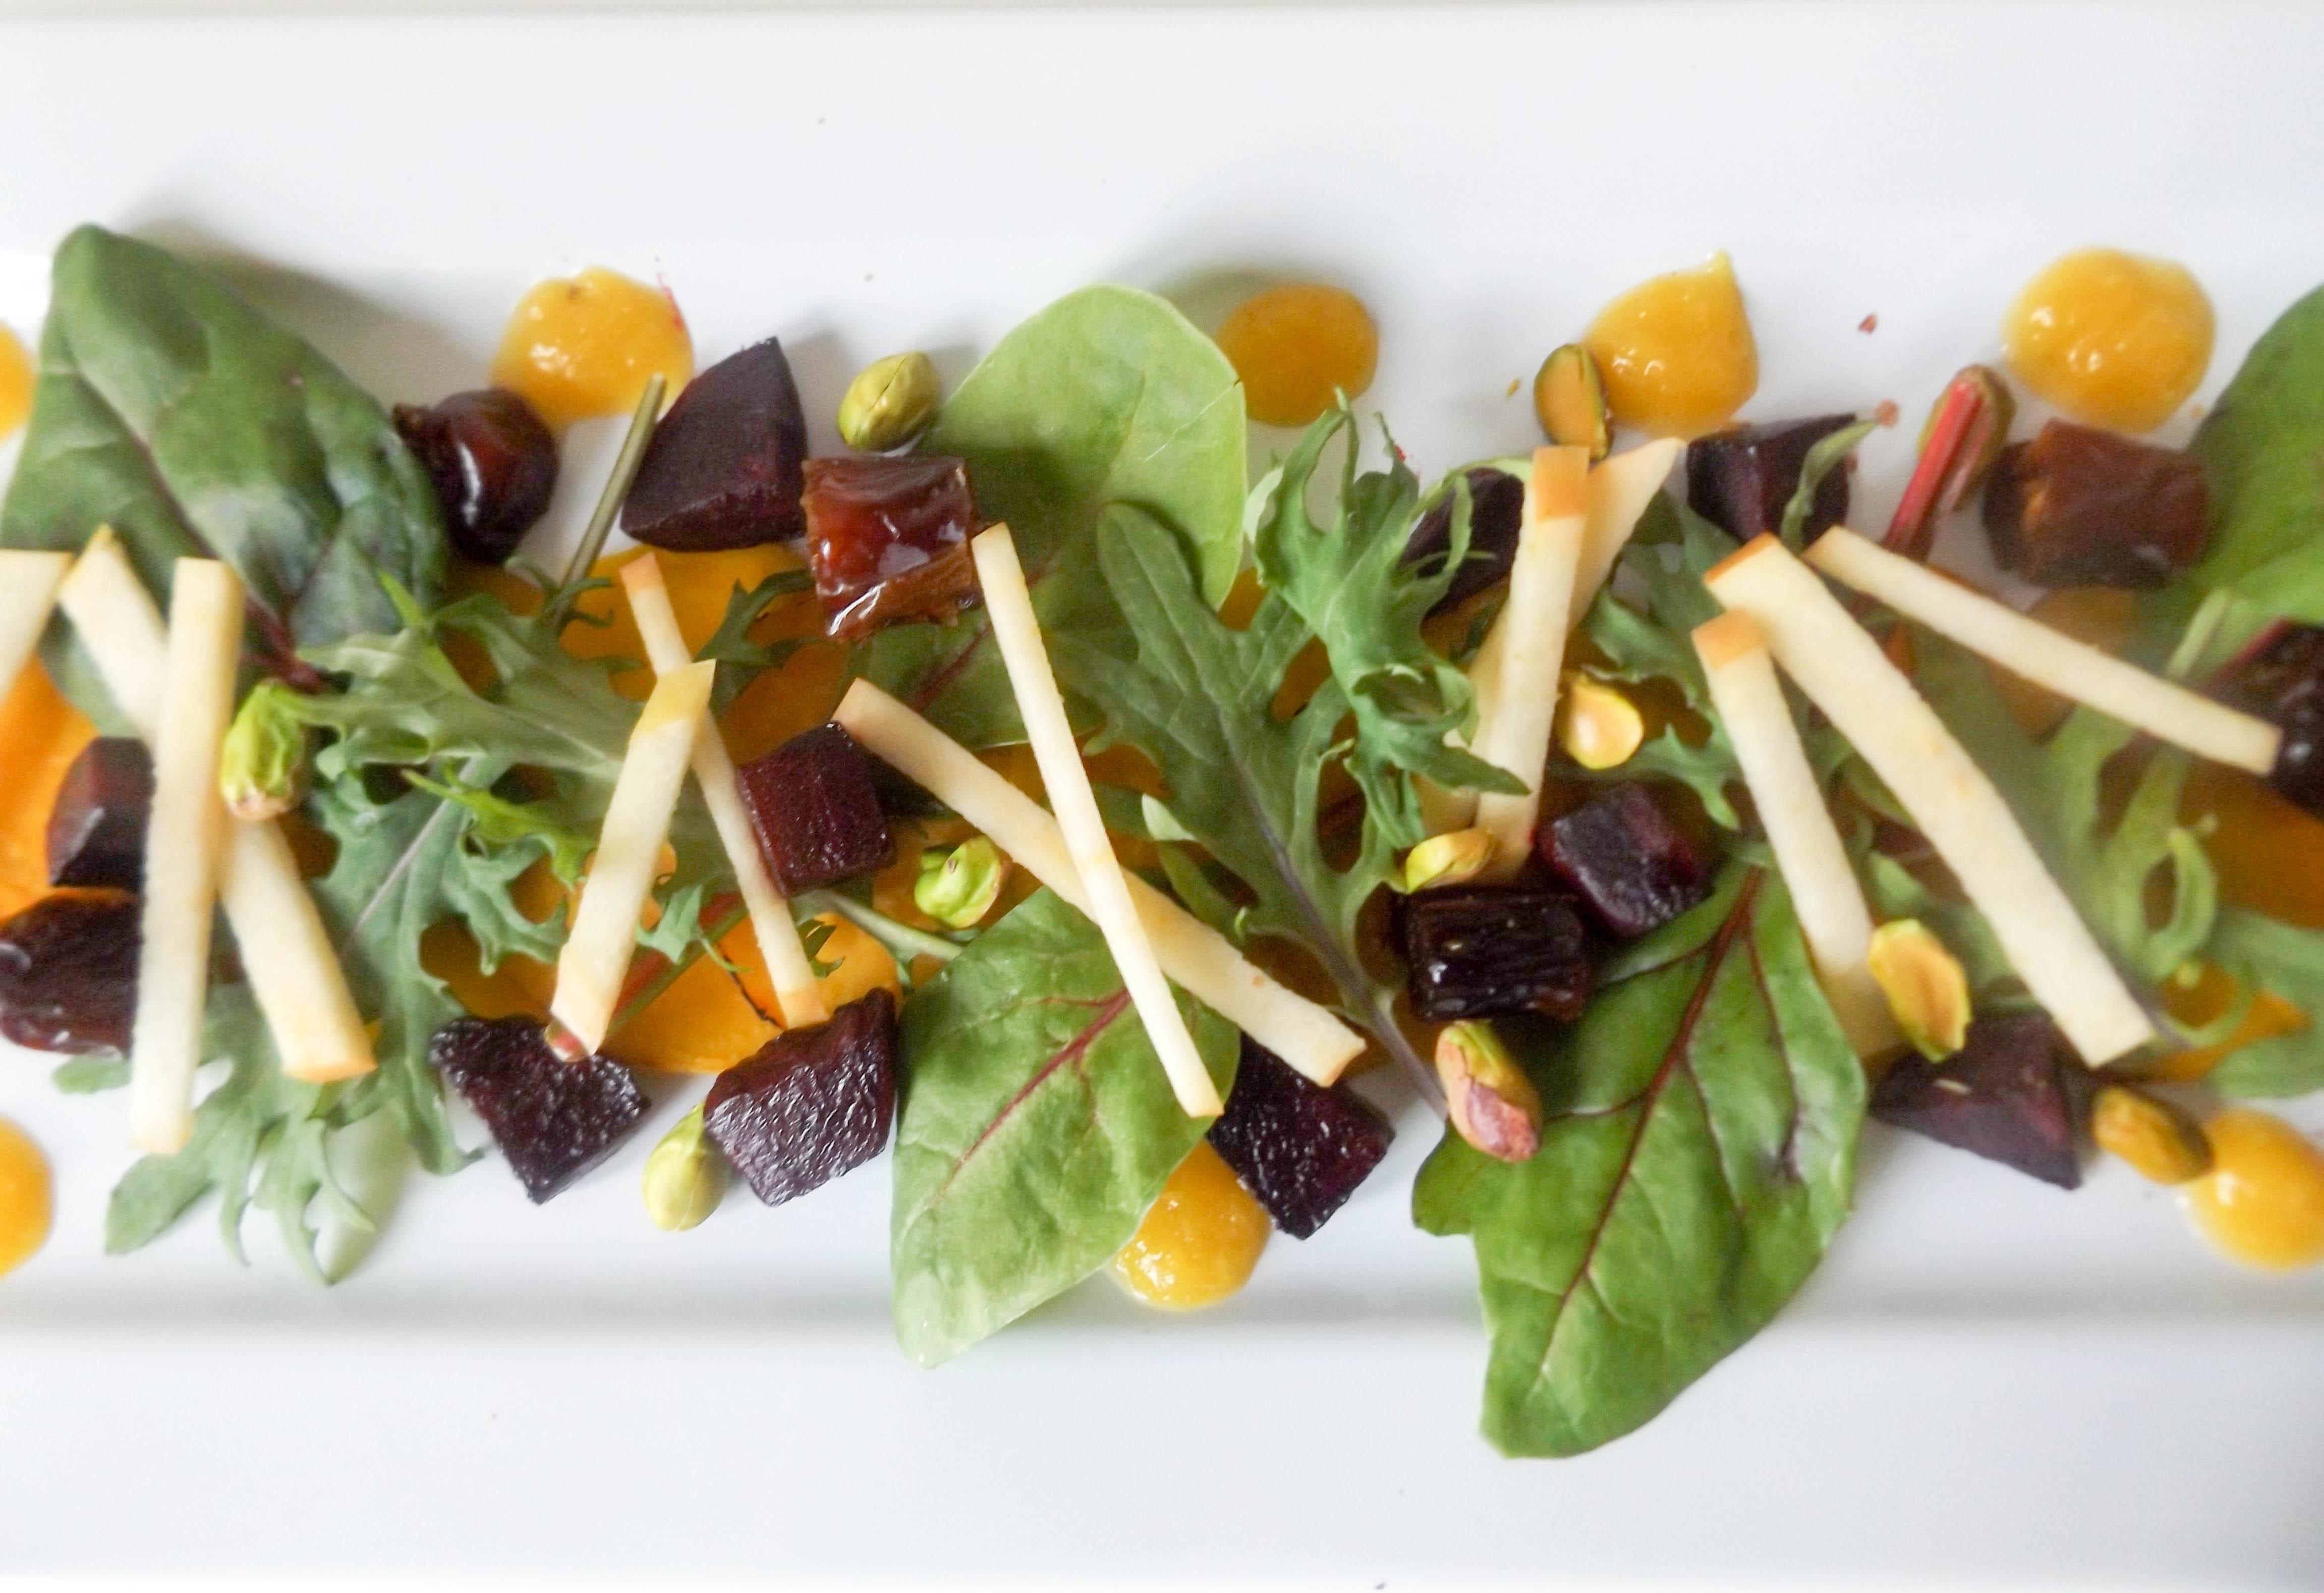 Beet Date Apple & Pistachio Salad